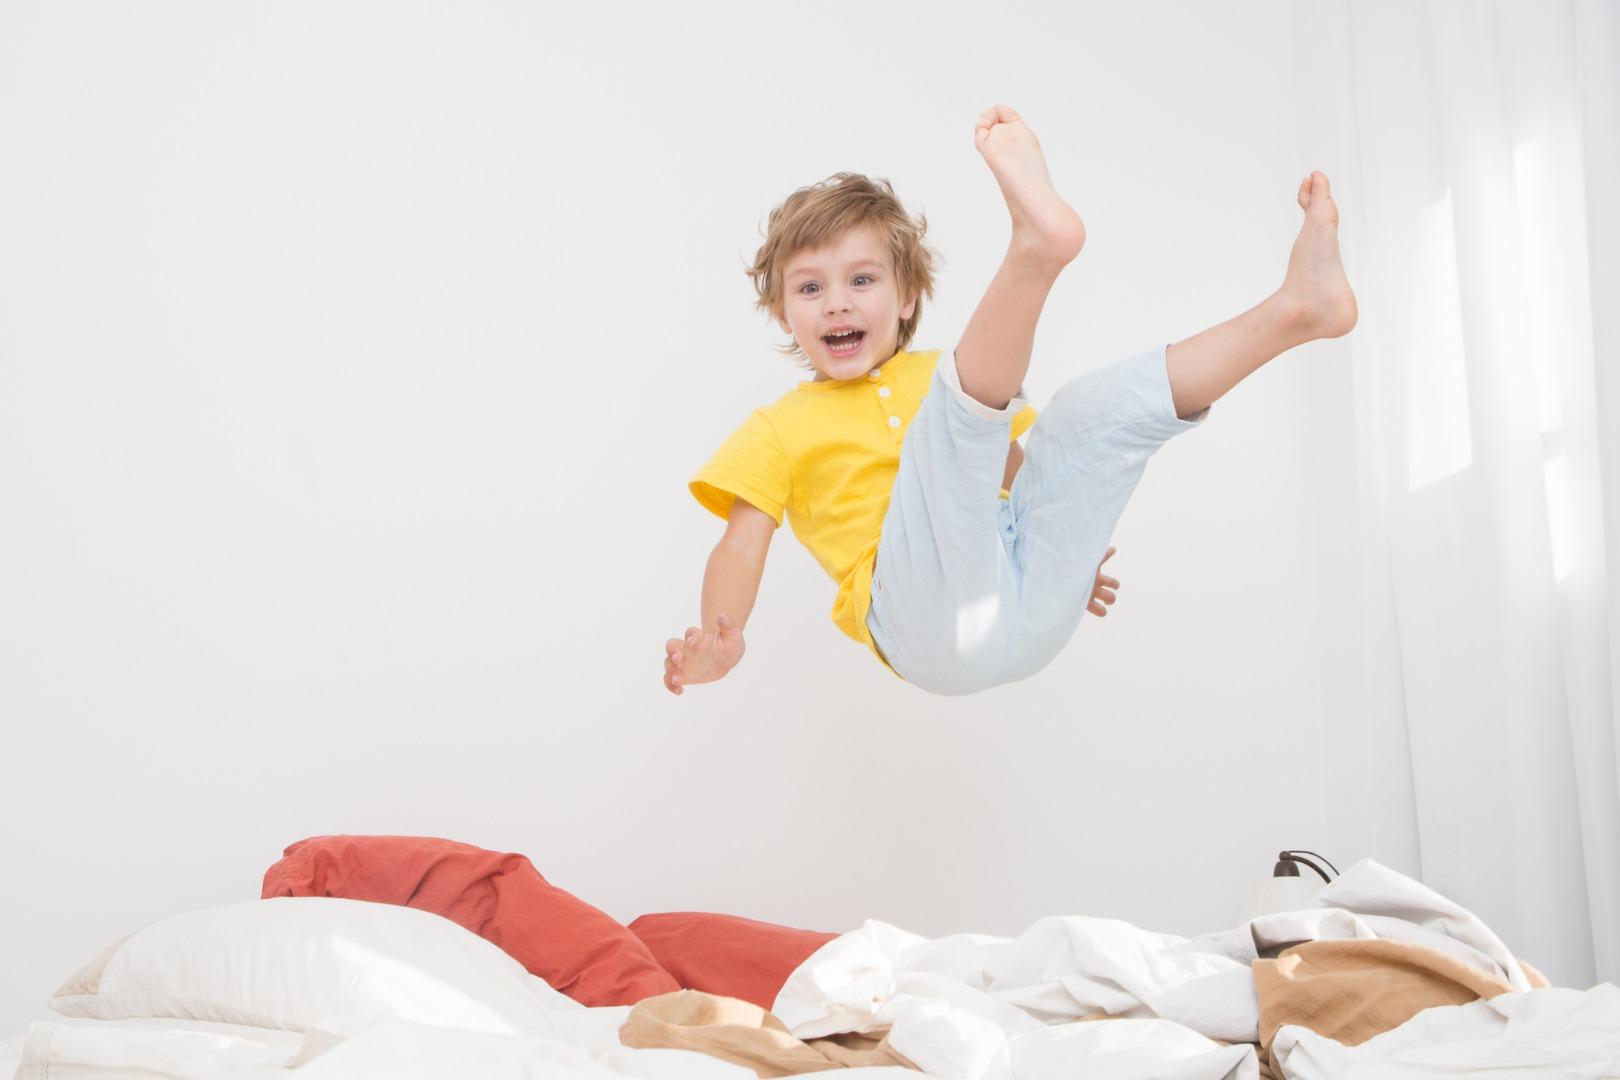 Не избалованный, а гиперактивный: признаки СДВГ у ребенка